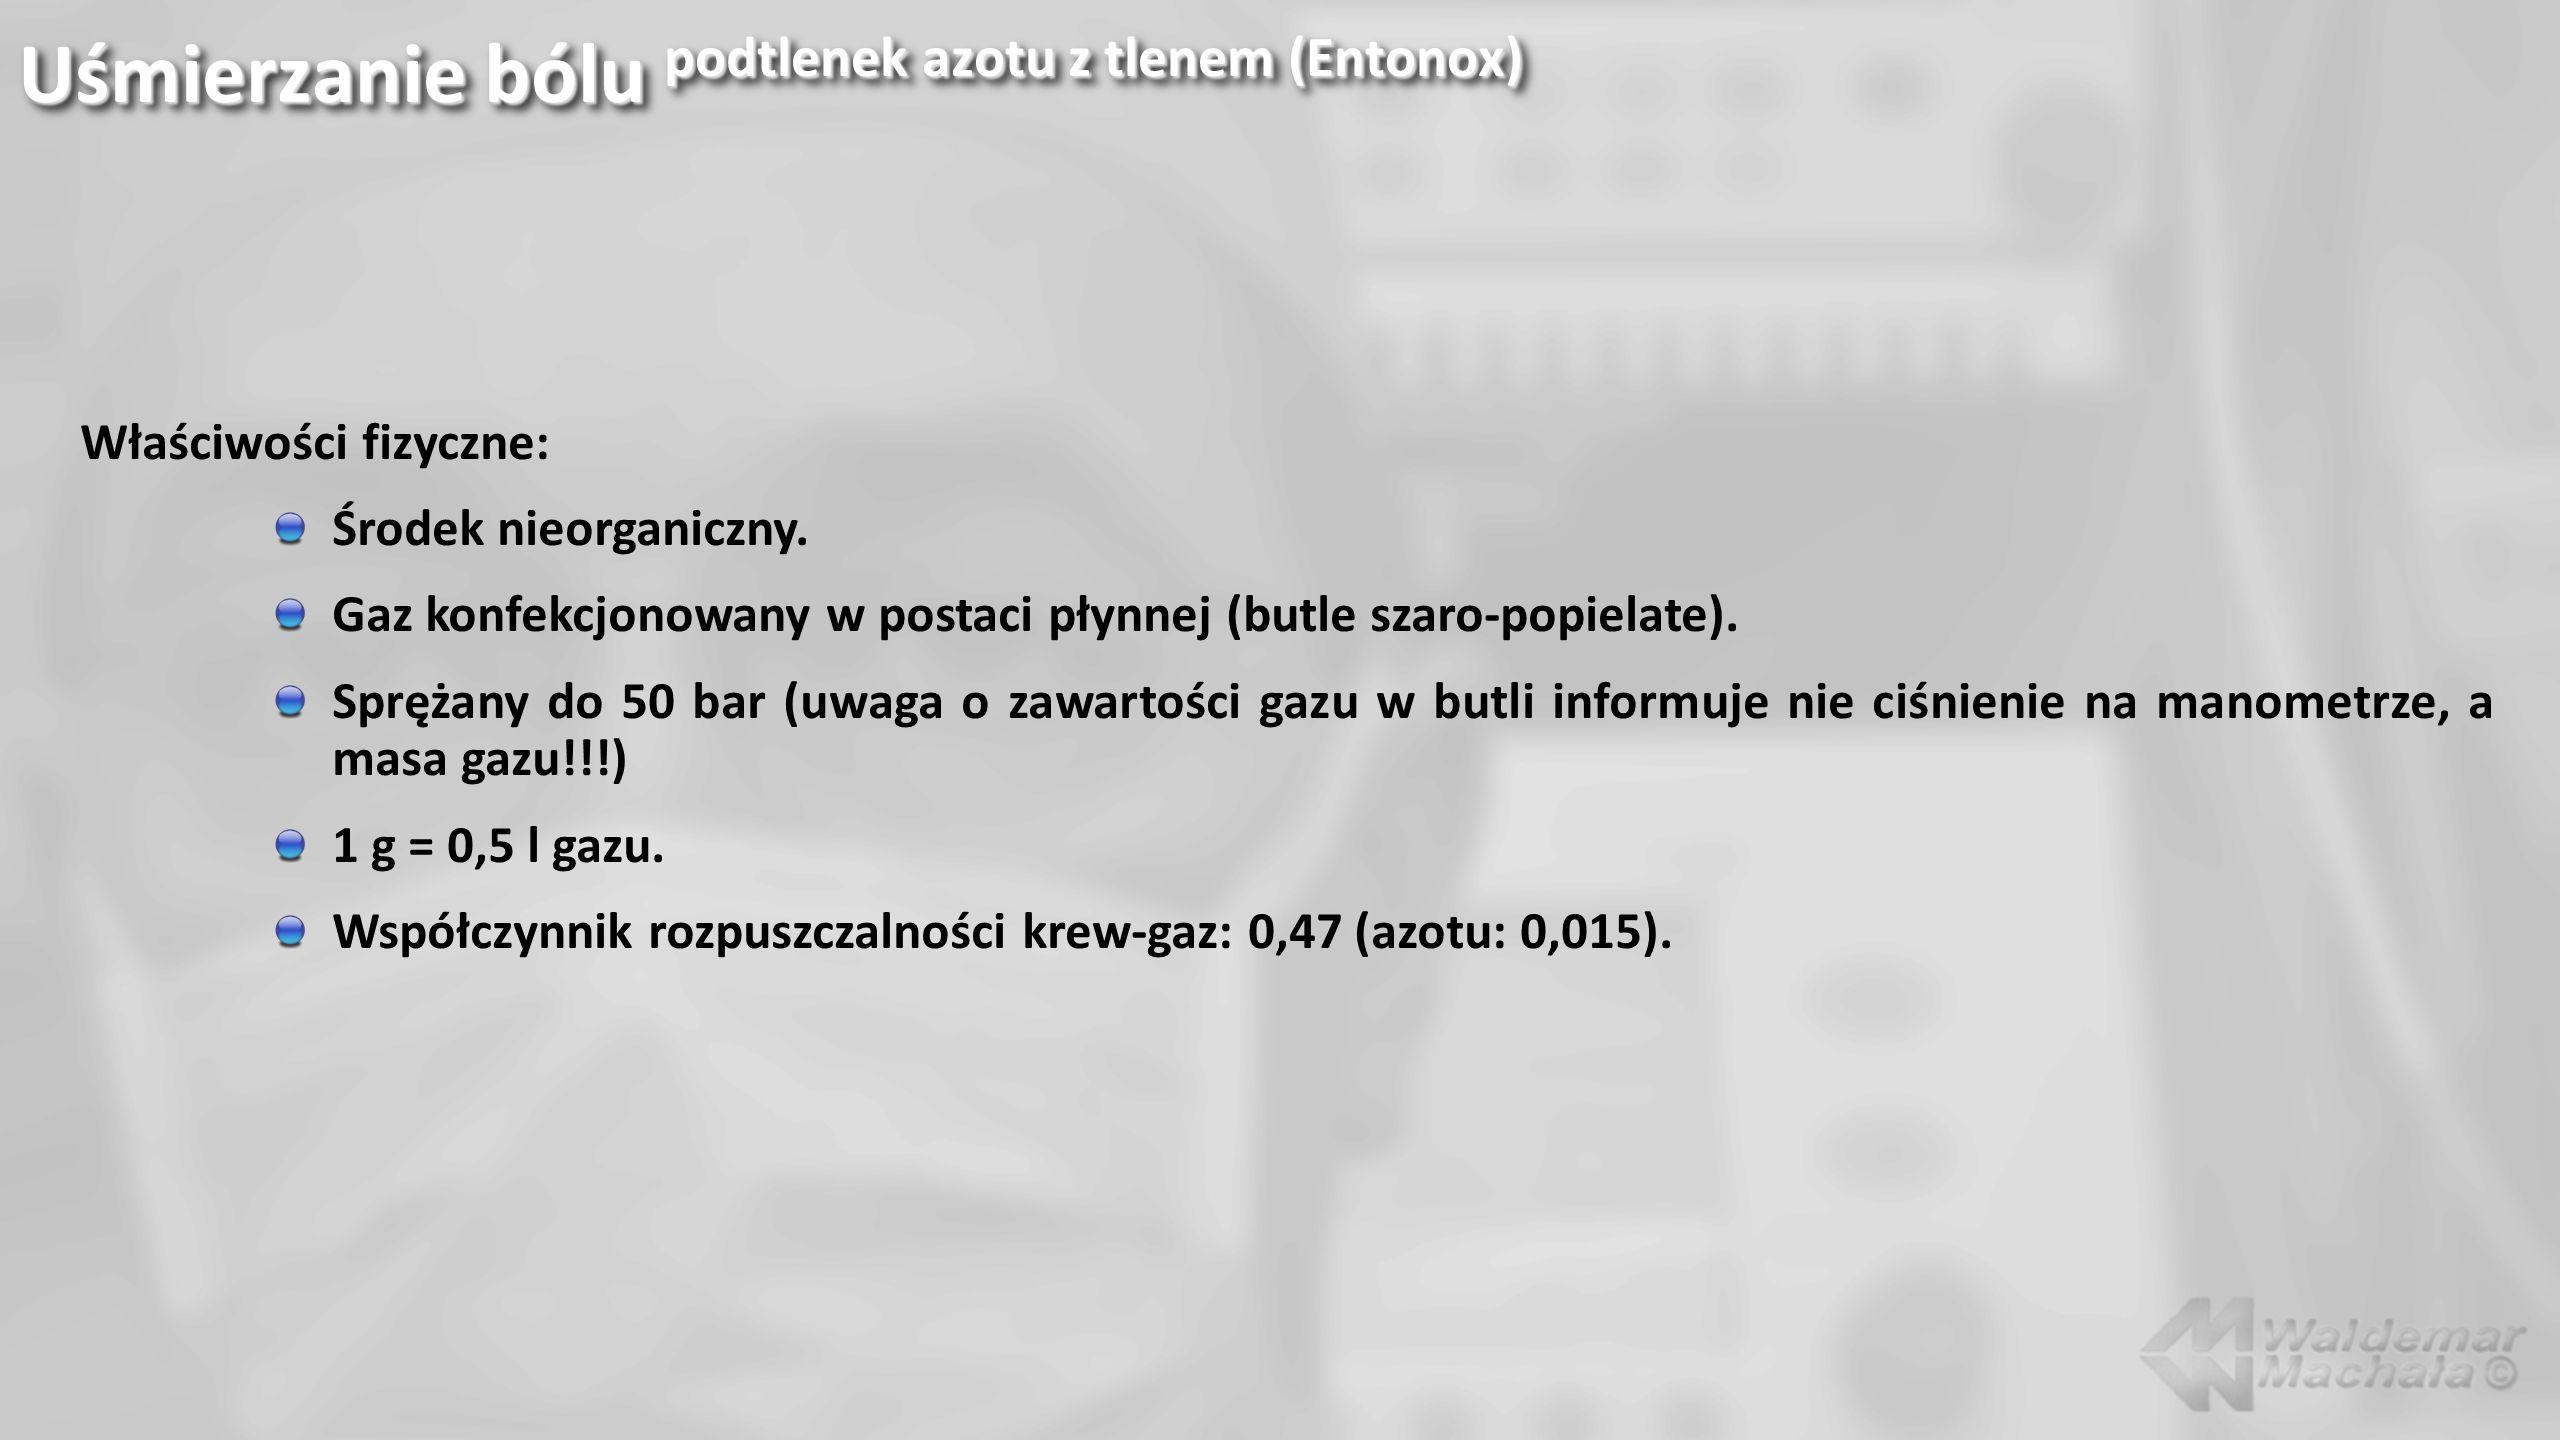 Uśmierzanie bólu podtlenek azotu z tlenem (Entonox) Właściwości fizyczne: Środek nieorganiczny. Gaz konfekcjonowany w postaci płynnej (butle szaro-pop